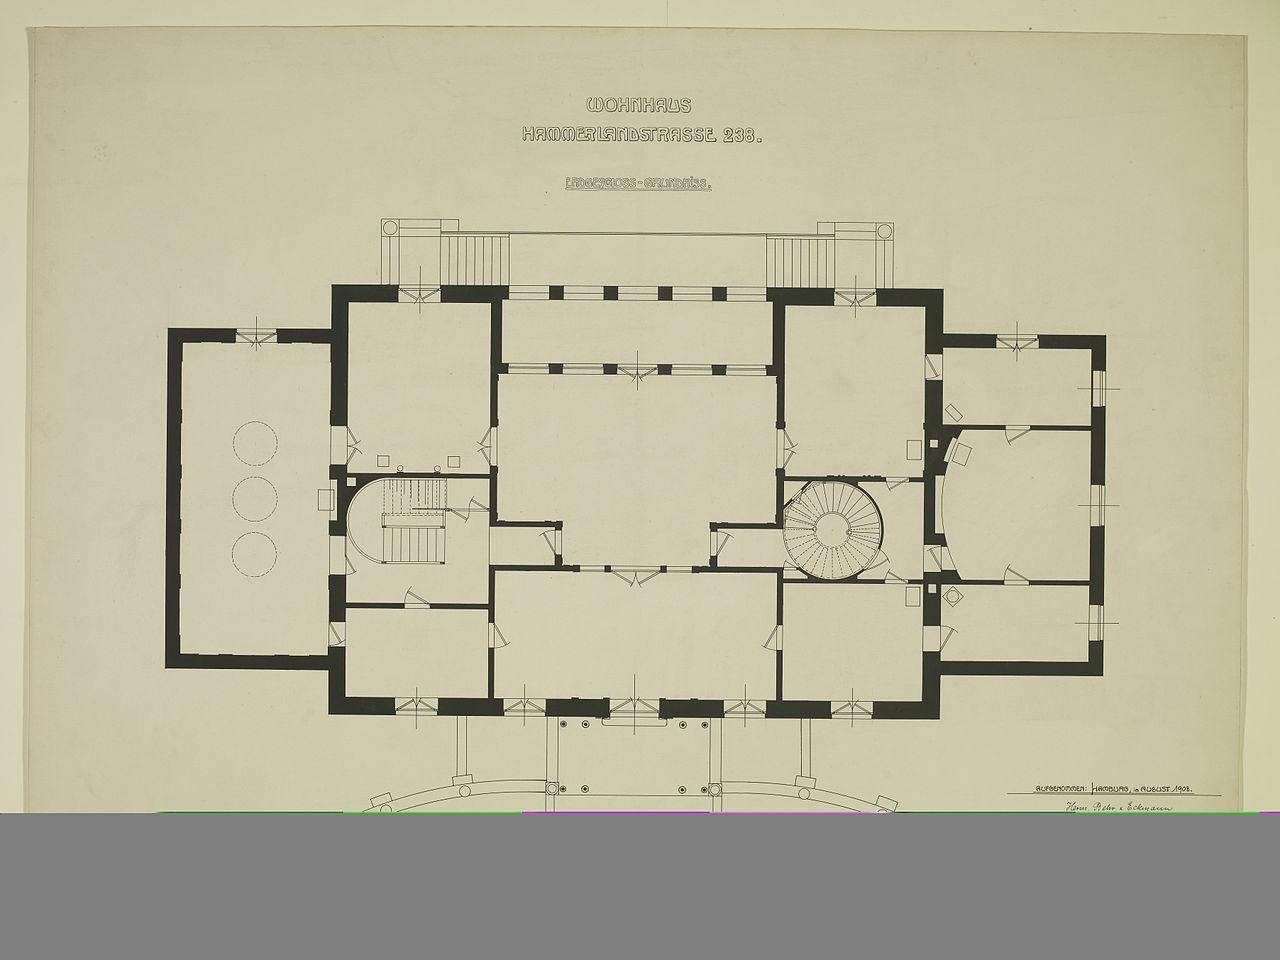 grundriss villa haus design und m bel ideen. Black Bedroom Furniture Sets. Home Design Ideas